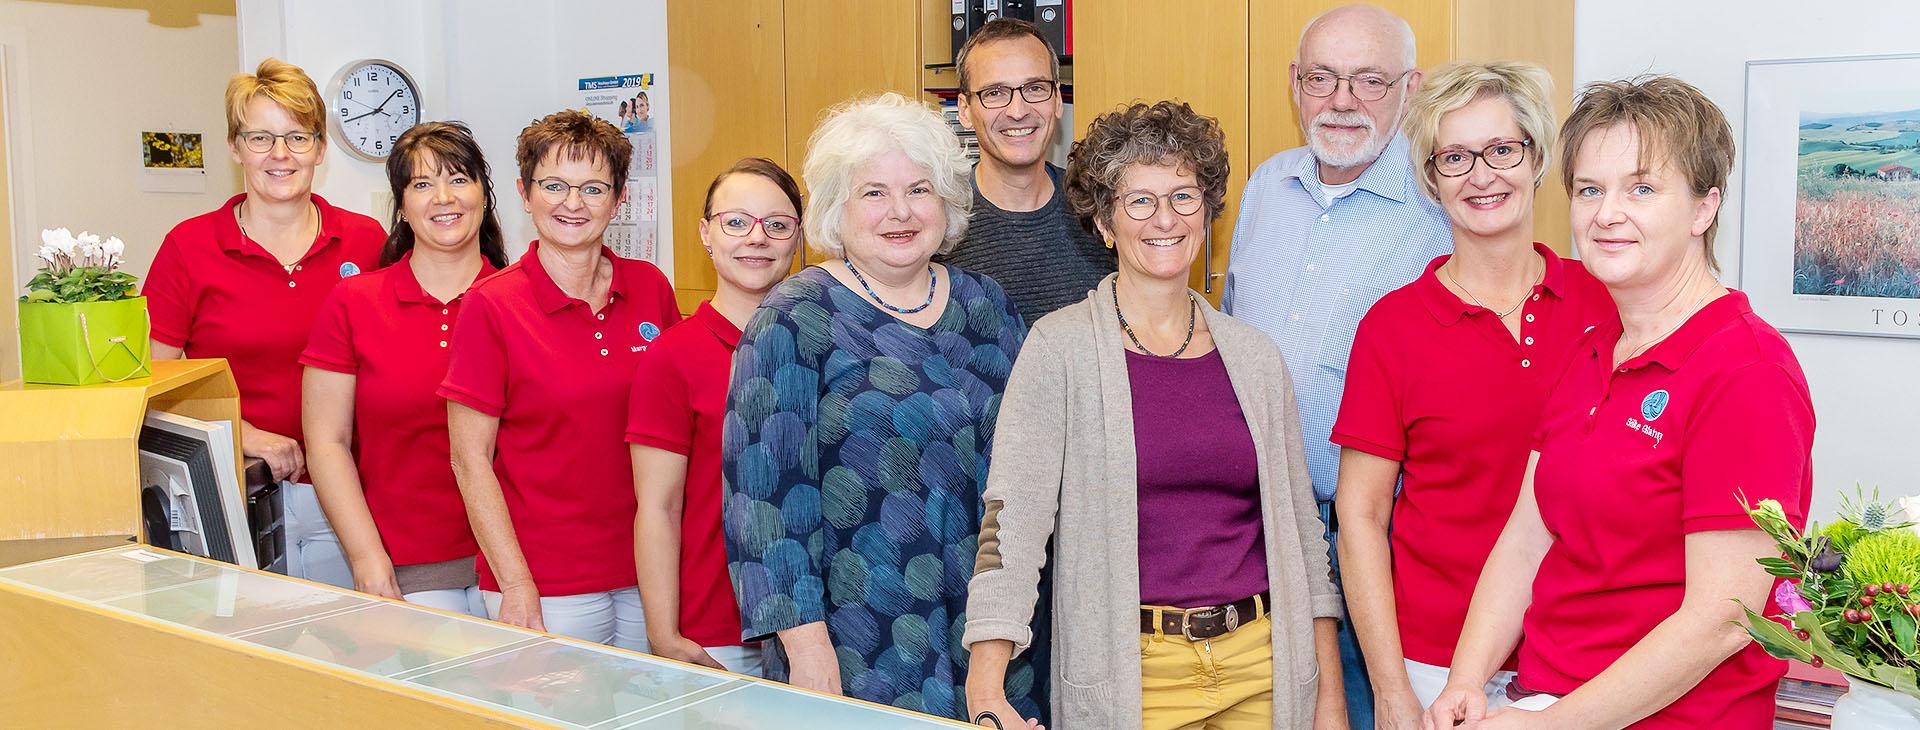 Team Gemeinschaftspraxis Waake - Praxis für Allgemeinmedizin